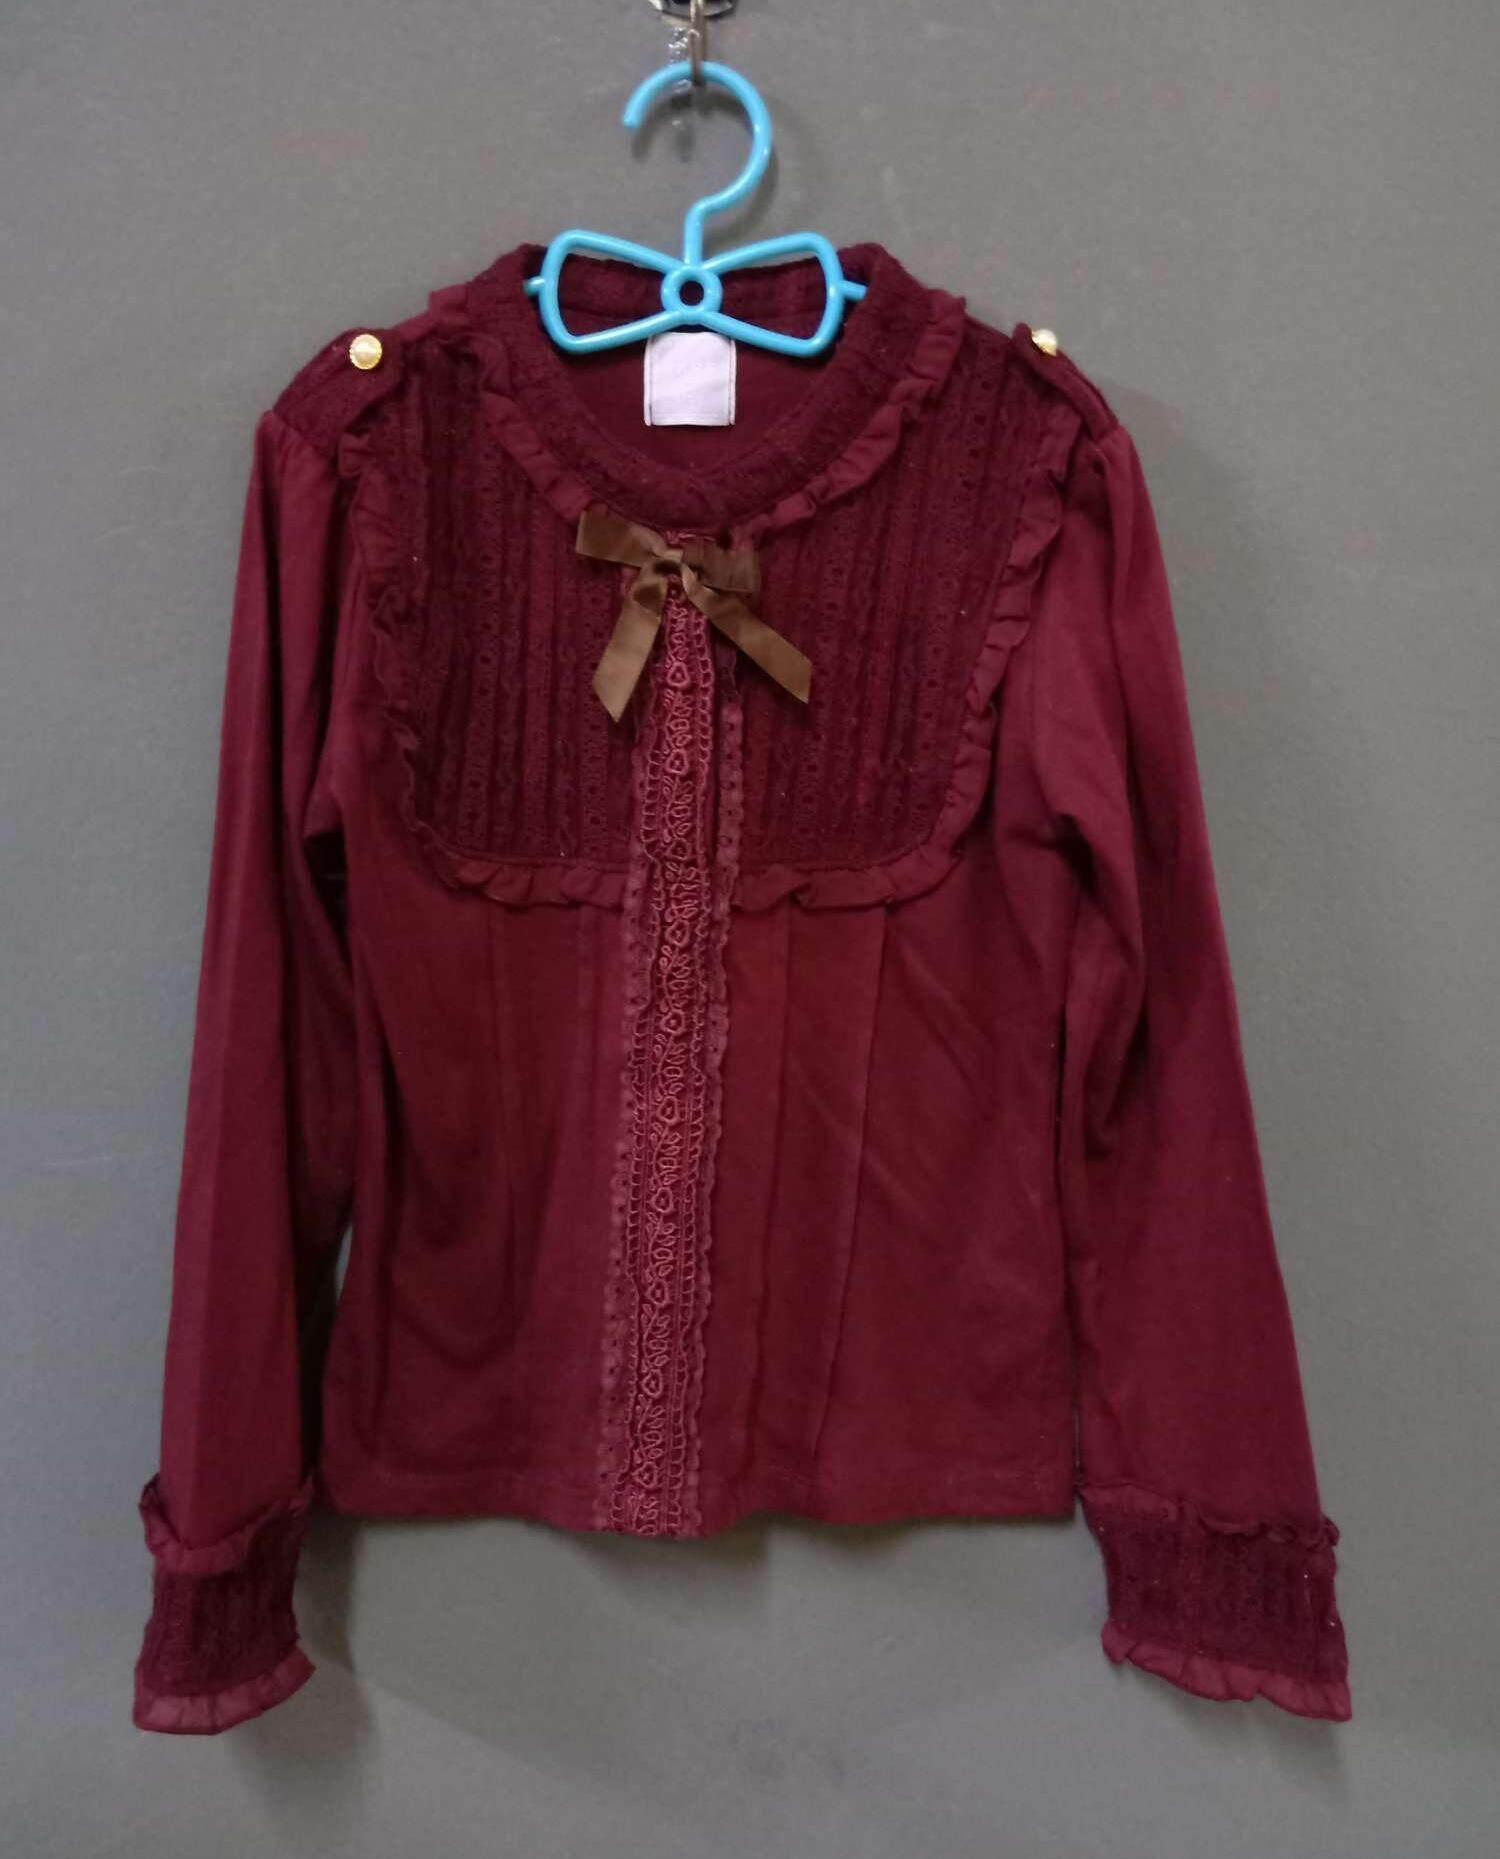 เสื้อแขนยาวเด็กมือสอง ผ้าลูกฟูกสีแดงสดใส.